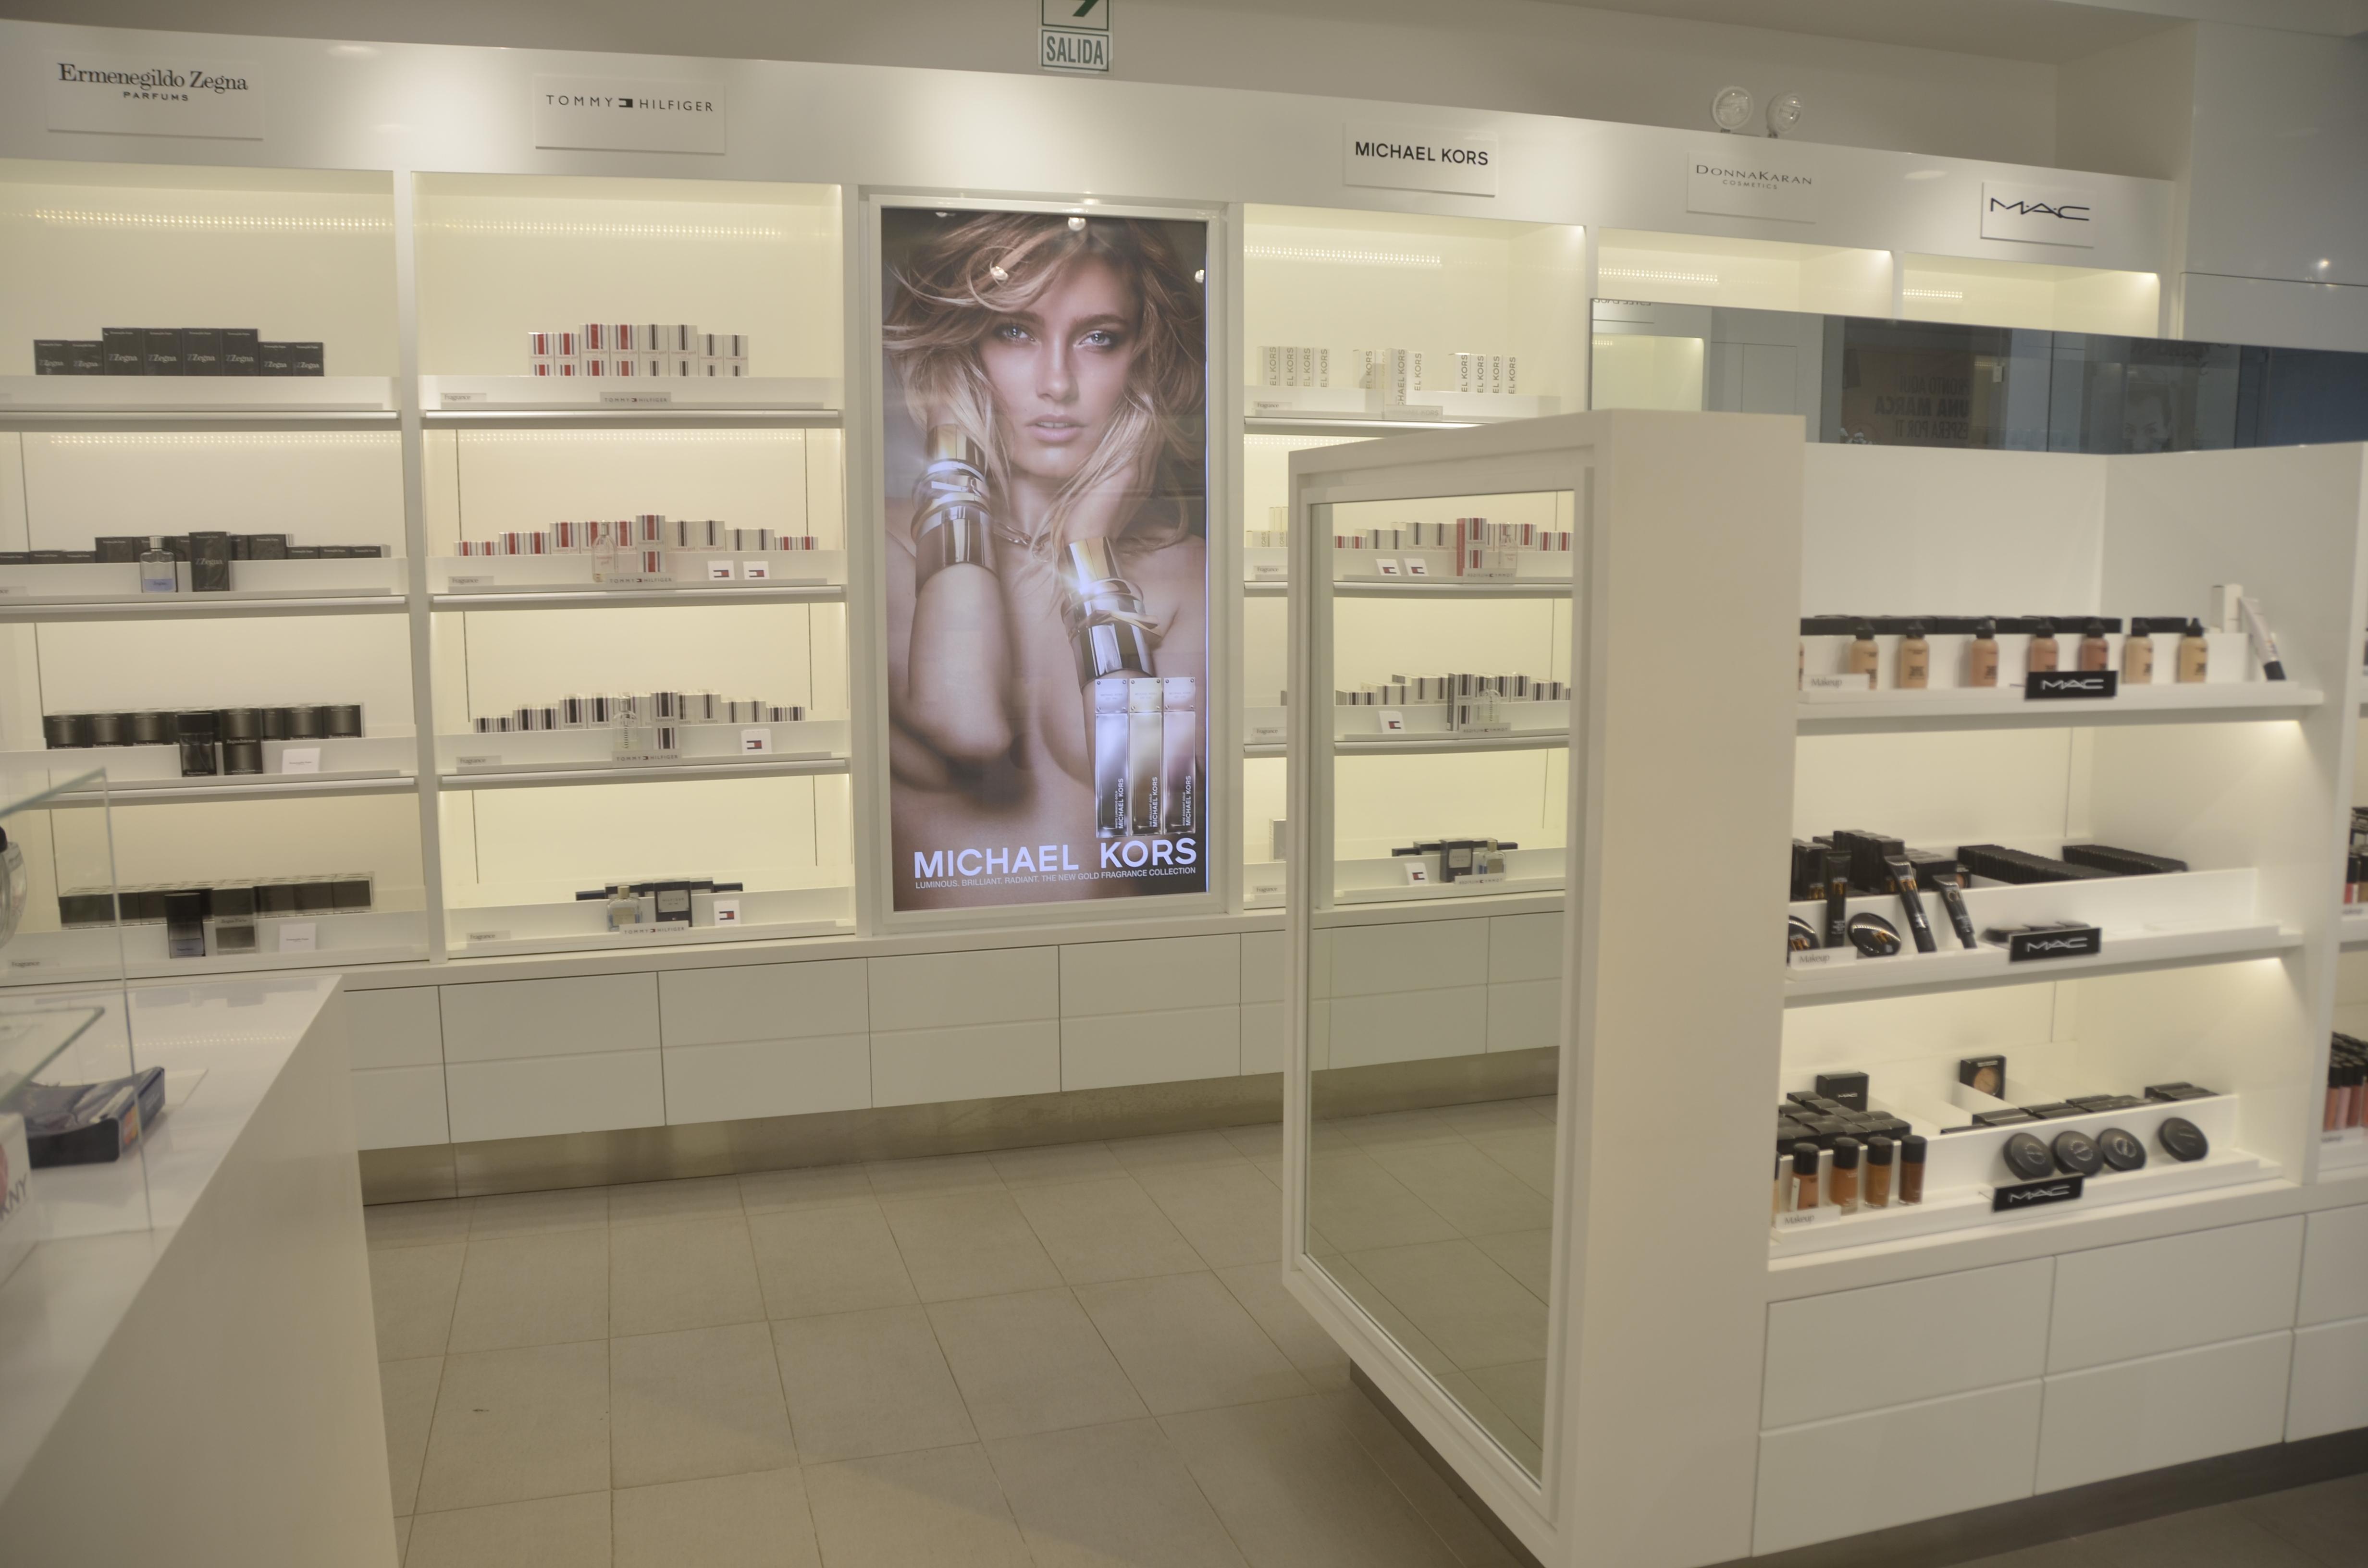 Estée Lauder abre su primera tienda en Perú 2 - Estée Lauder Companies abrió su primer outlet en Perú